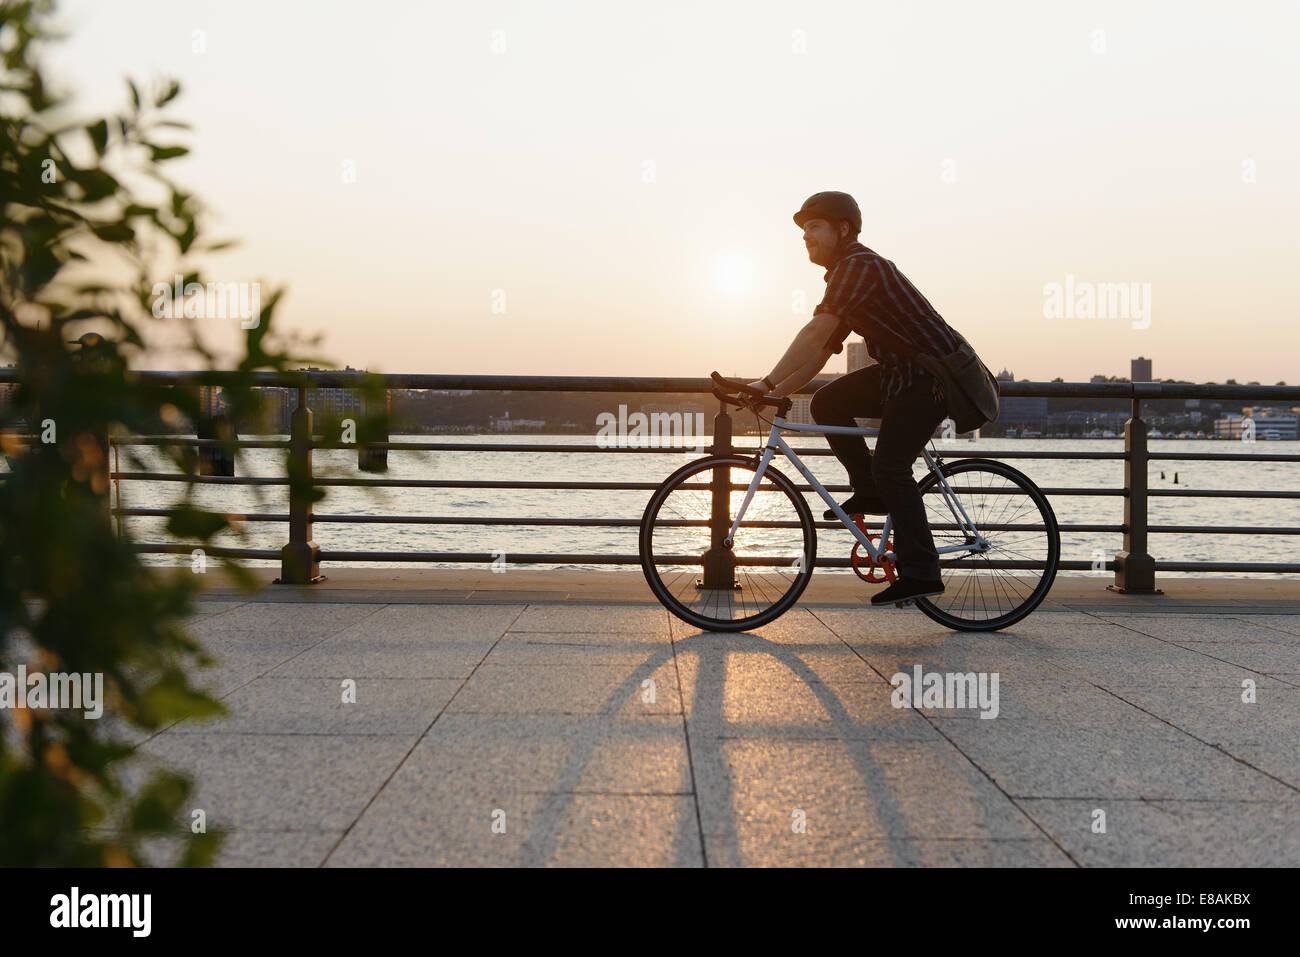 Männliche Messenger Radfahren entlang Stadt am Fluss Stockbild